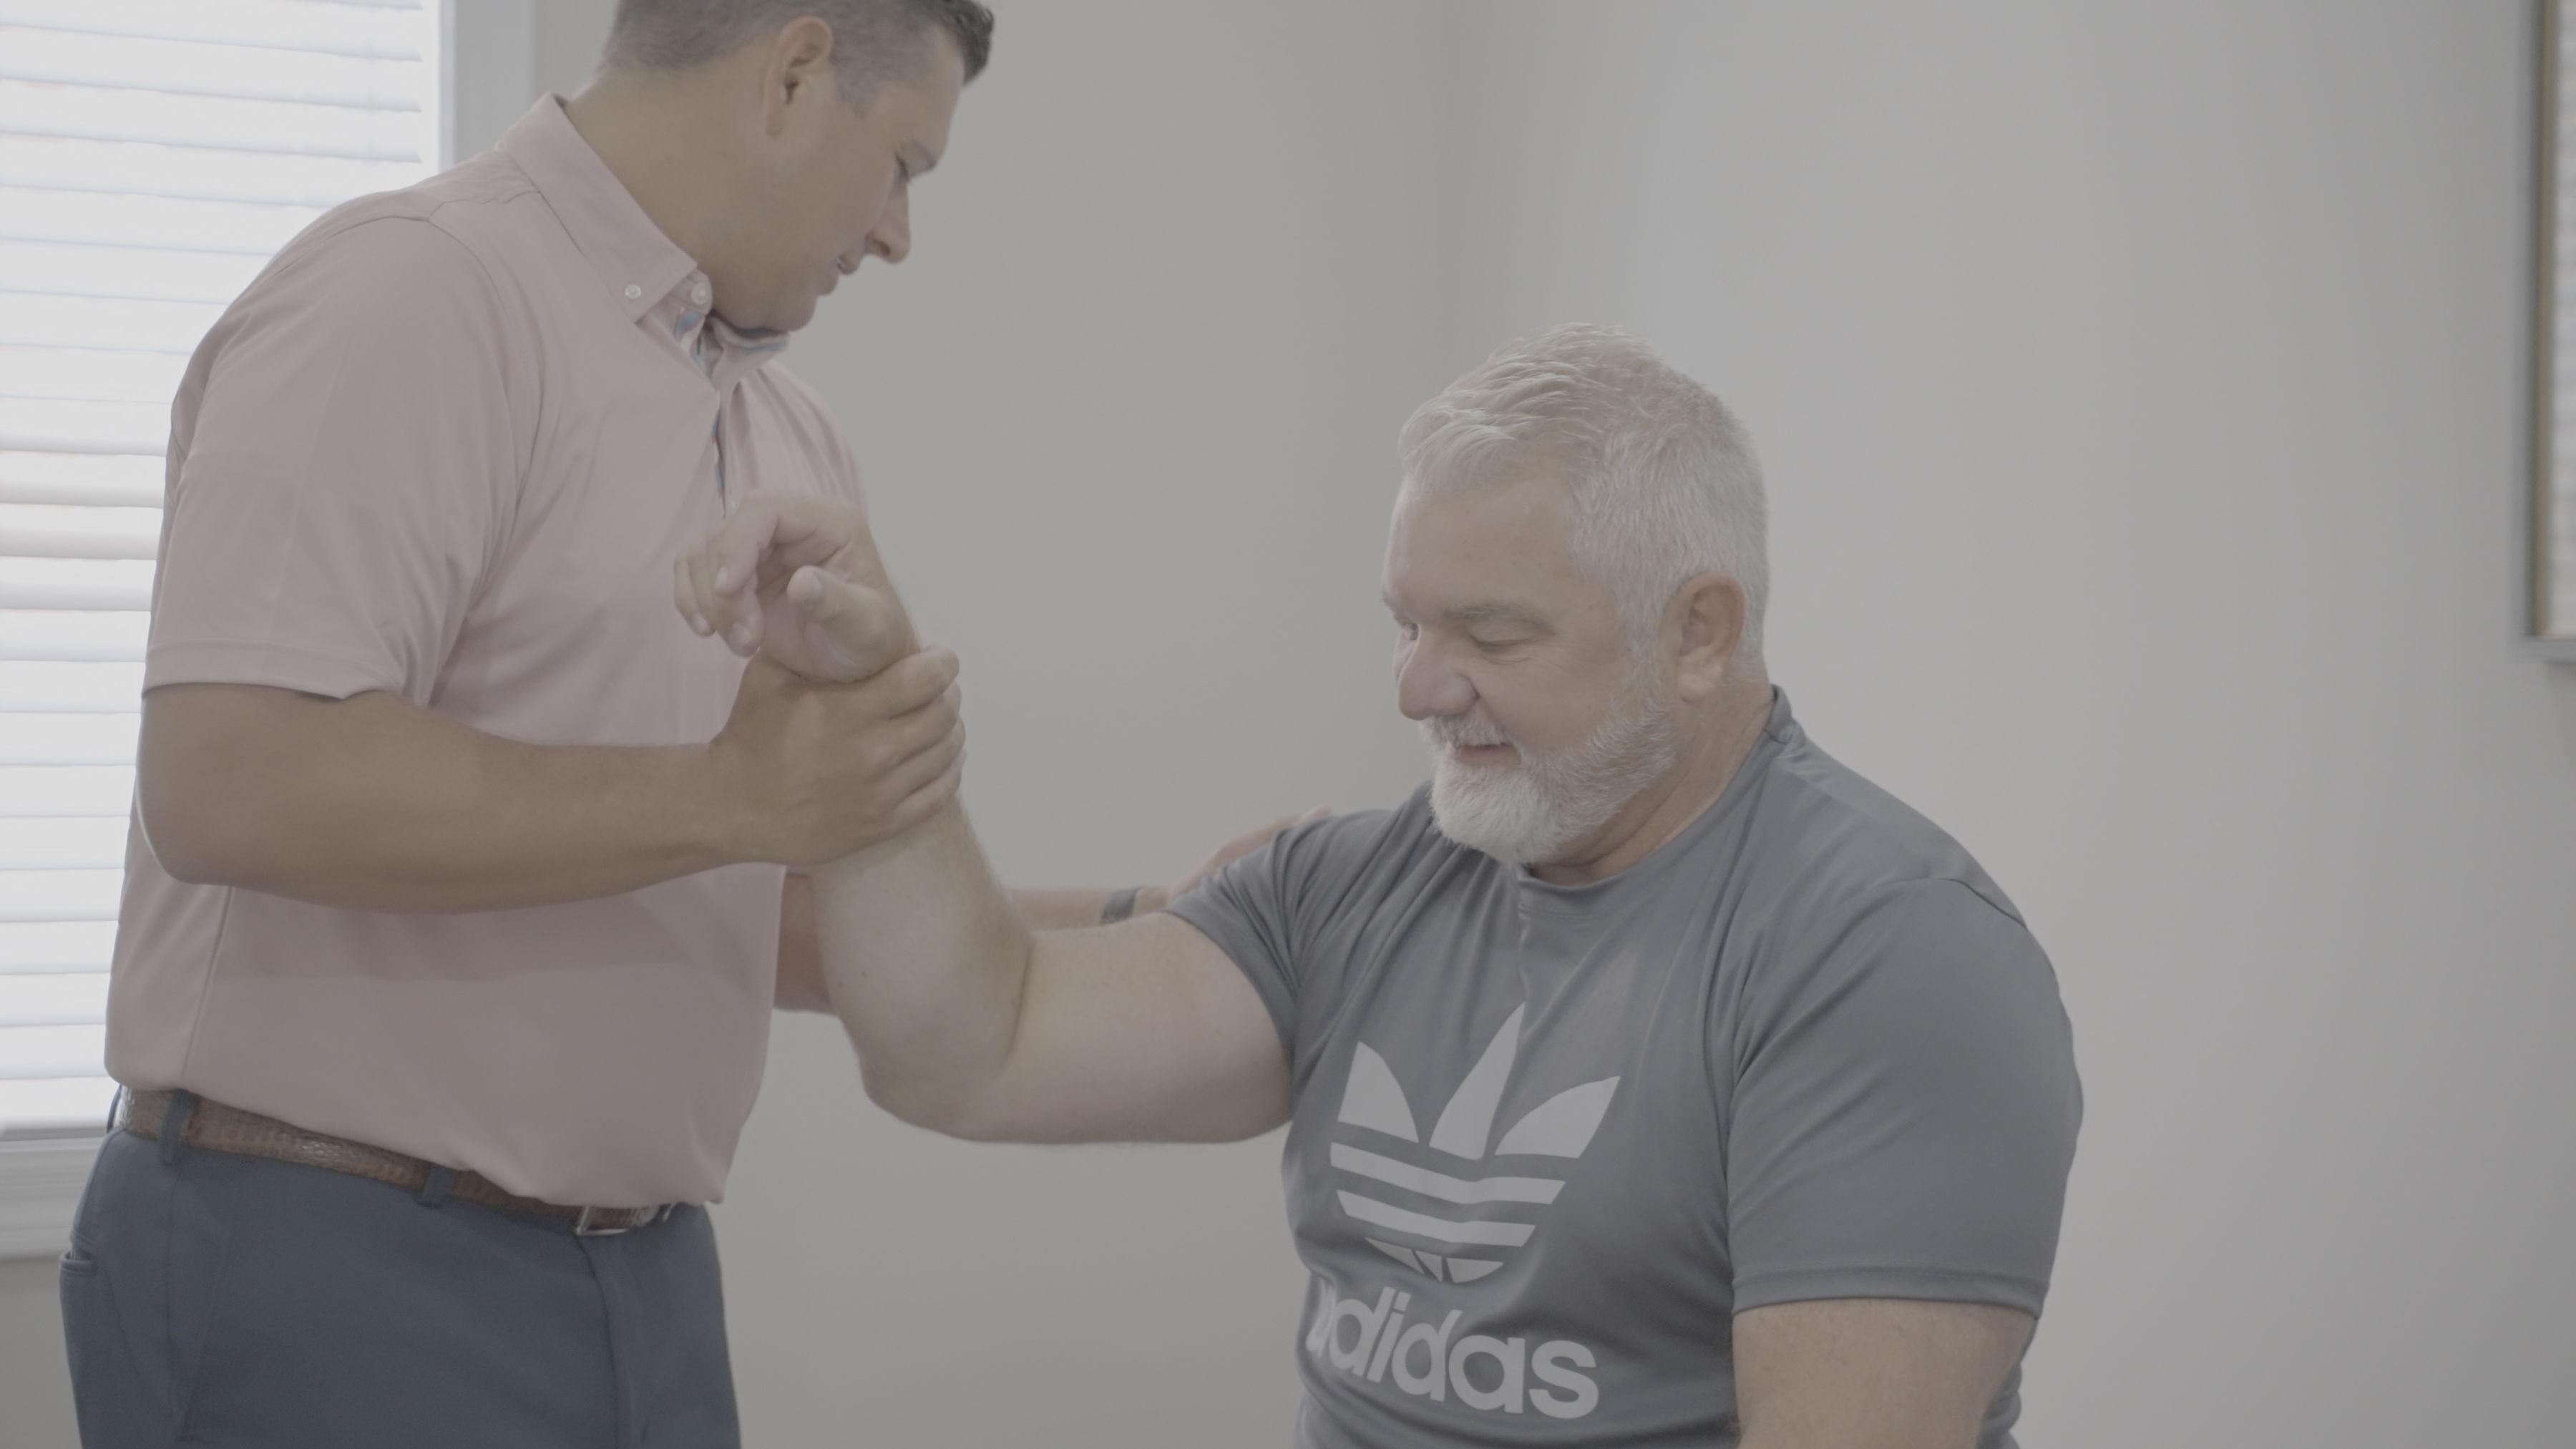 Dr. Paul holding the patient's arm